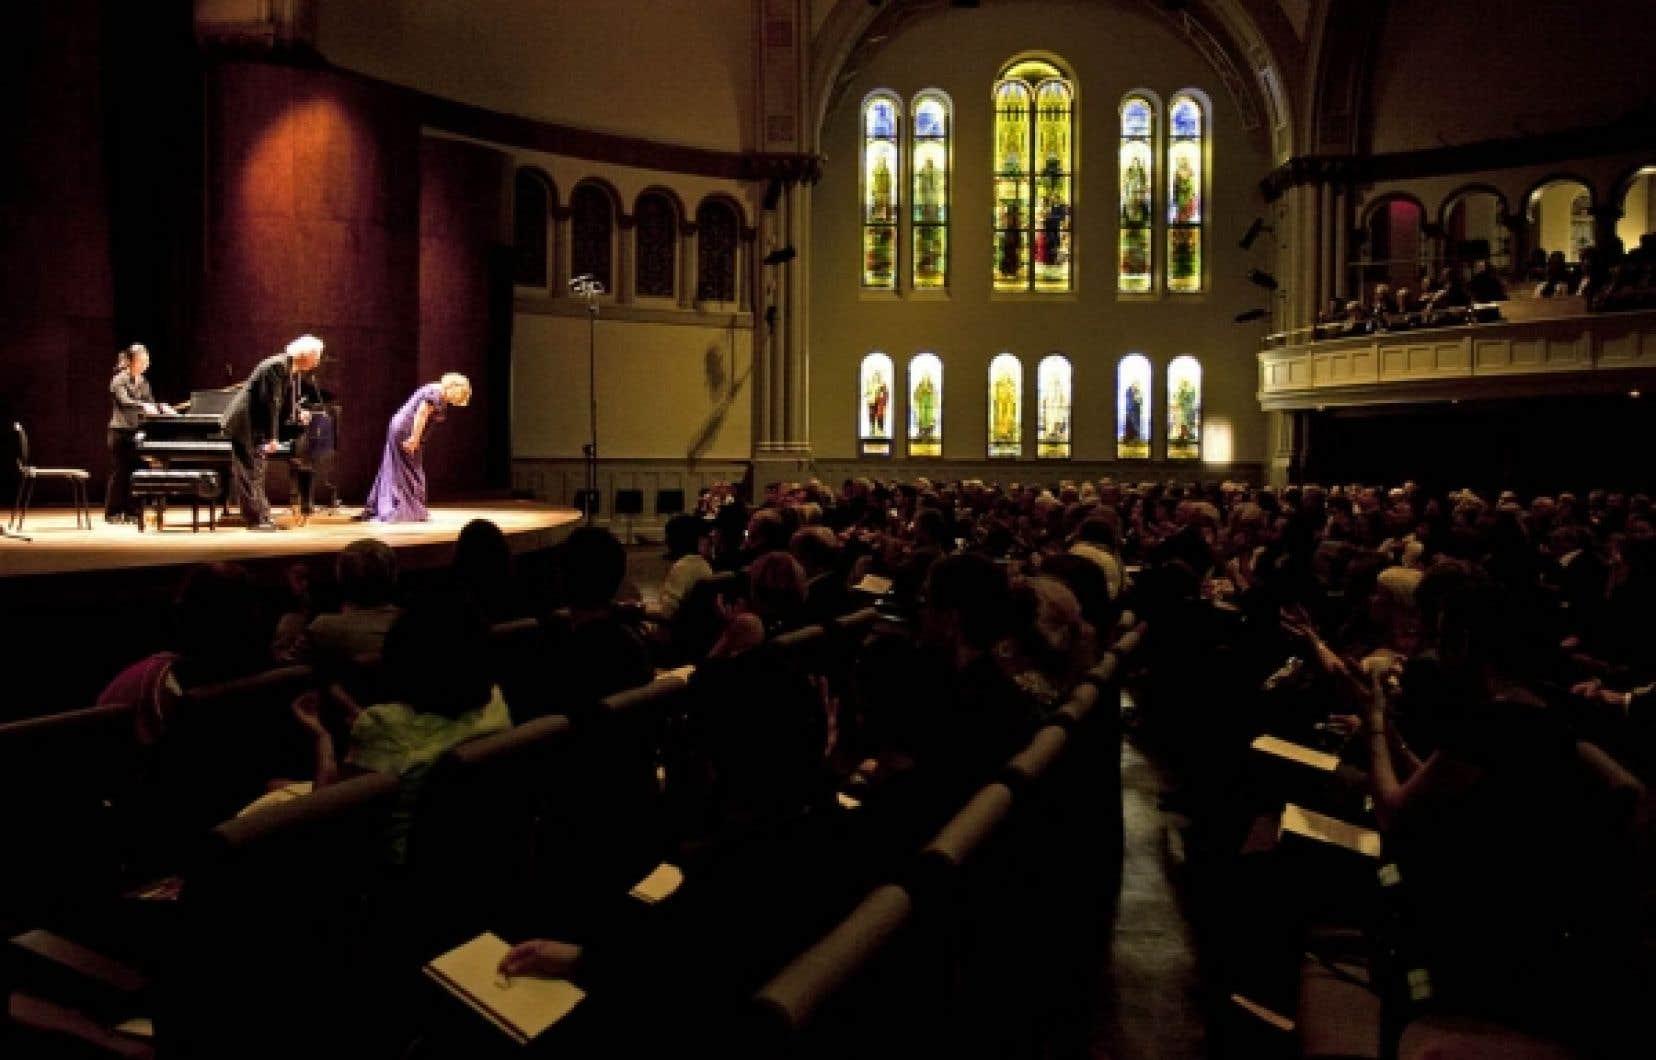 Montréal est doté depuis hier soir d'une autre nouvelle salle de concert, la Bourgie du Musée des beaux-arts de Montréal, et ce, trois semaines après la Maison symphonique. D'une capacité de 444 places, cette salle de la rue Sherbrooke, attenante au nouveau Pavillon d'art québécois et canadien du musée, est embellie par la présence de vitraux Tiffany rétroéclairés. Elle répond aux besoins de maints ensembles musicaux de la métropole et fonctionnera grâce aux revenus d'une fondation, la Fondation Arte Musica, constituée par le philanthrope et mécène des arts Pierre Bourgie. Les premières notes entendues, celles de la glorieuse introduction des Vêpres de la Vierge de Monteverdi, ont préludé à la création d'un Double trio d'Eliott Carter, 102 ans, doyen des compositeurs. Ce rapprochement visait à symboliser la diversité de la programmation artistique du nouveau lieu. Les concerts publics dans cette nouvelle salle auront lieu à partir du 11 octobre.